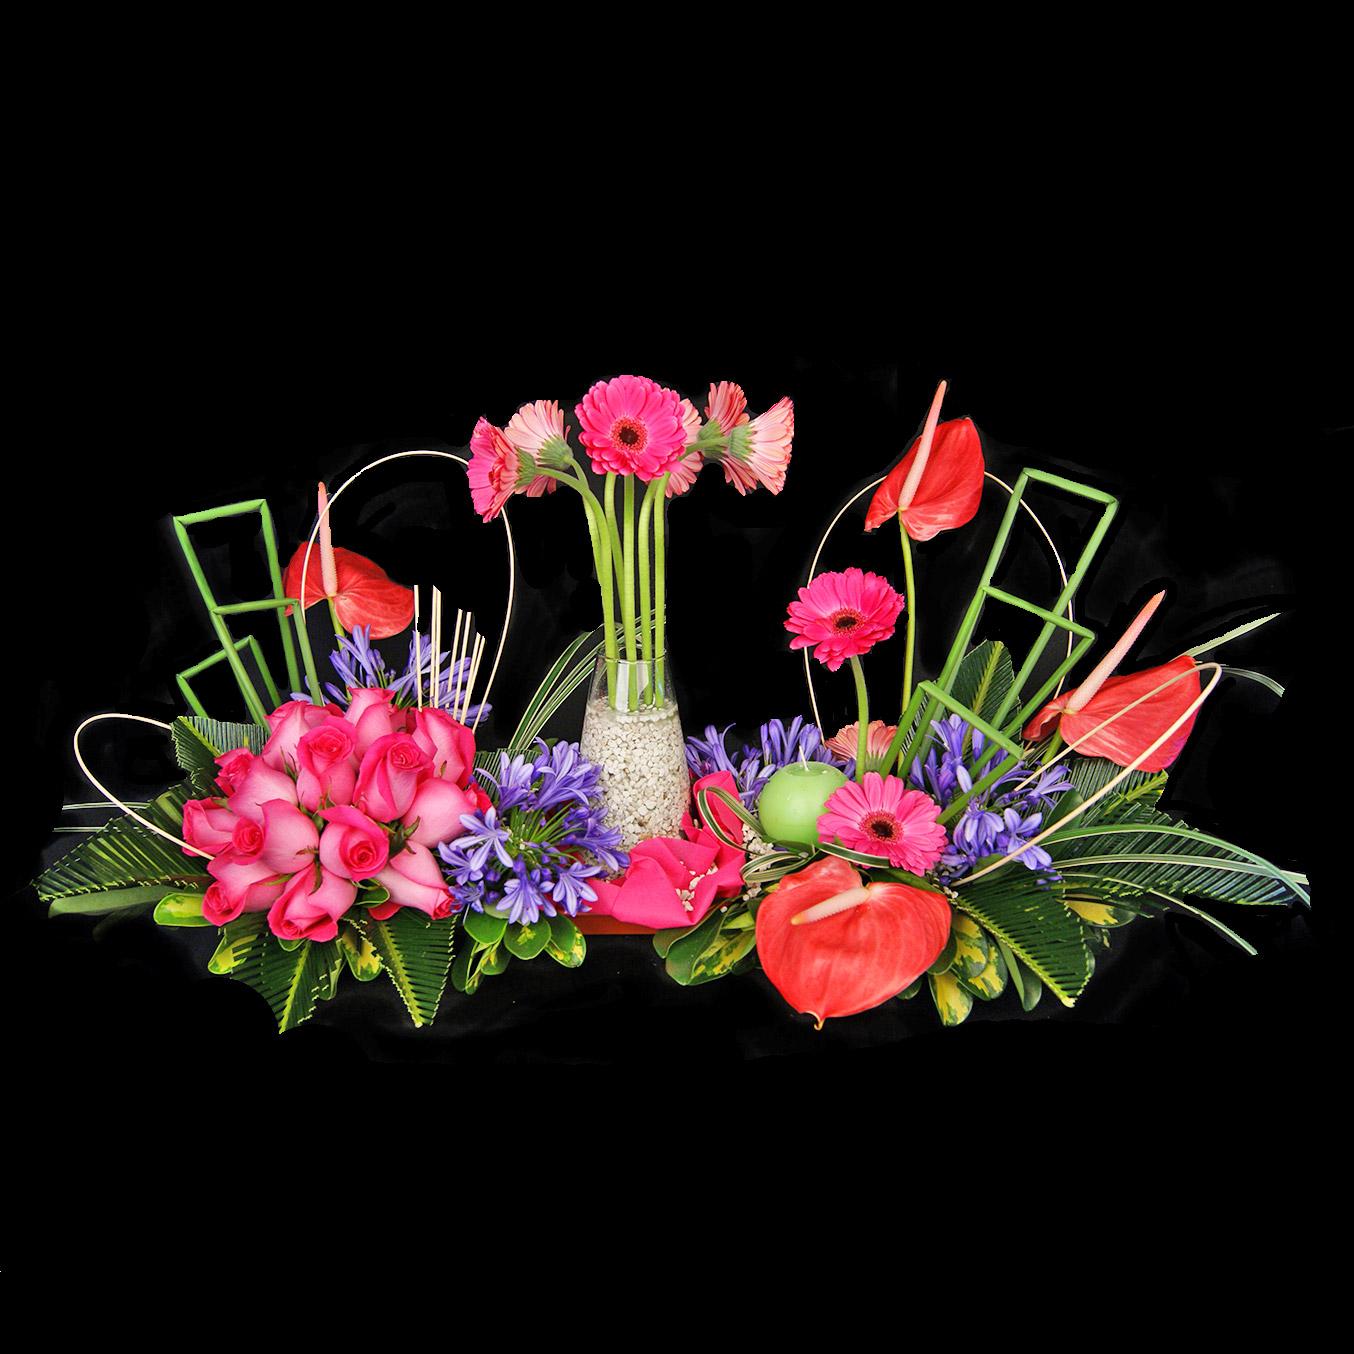 Bfa 1219 Bomflor Floristeria Florerías Quito Arreglos Florales Y Flores A Domicilio